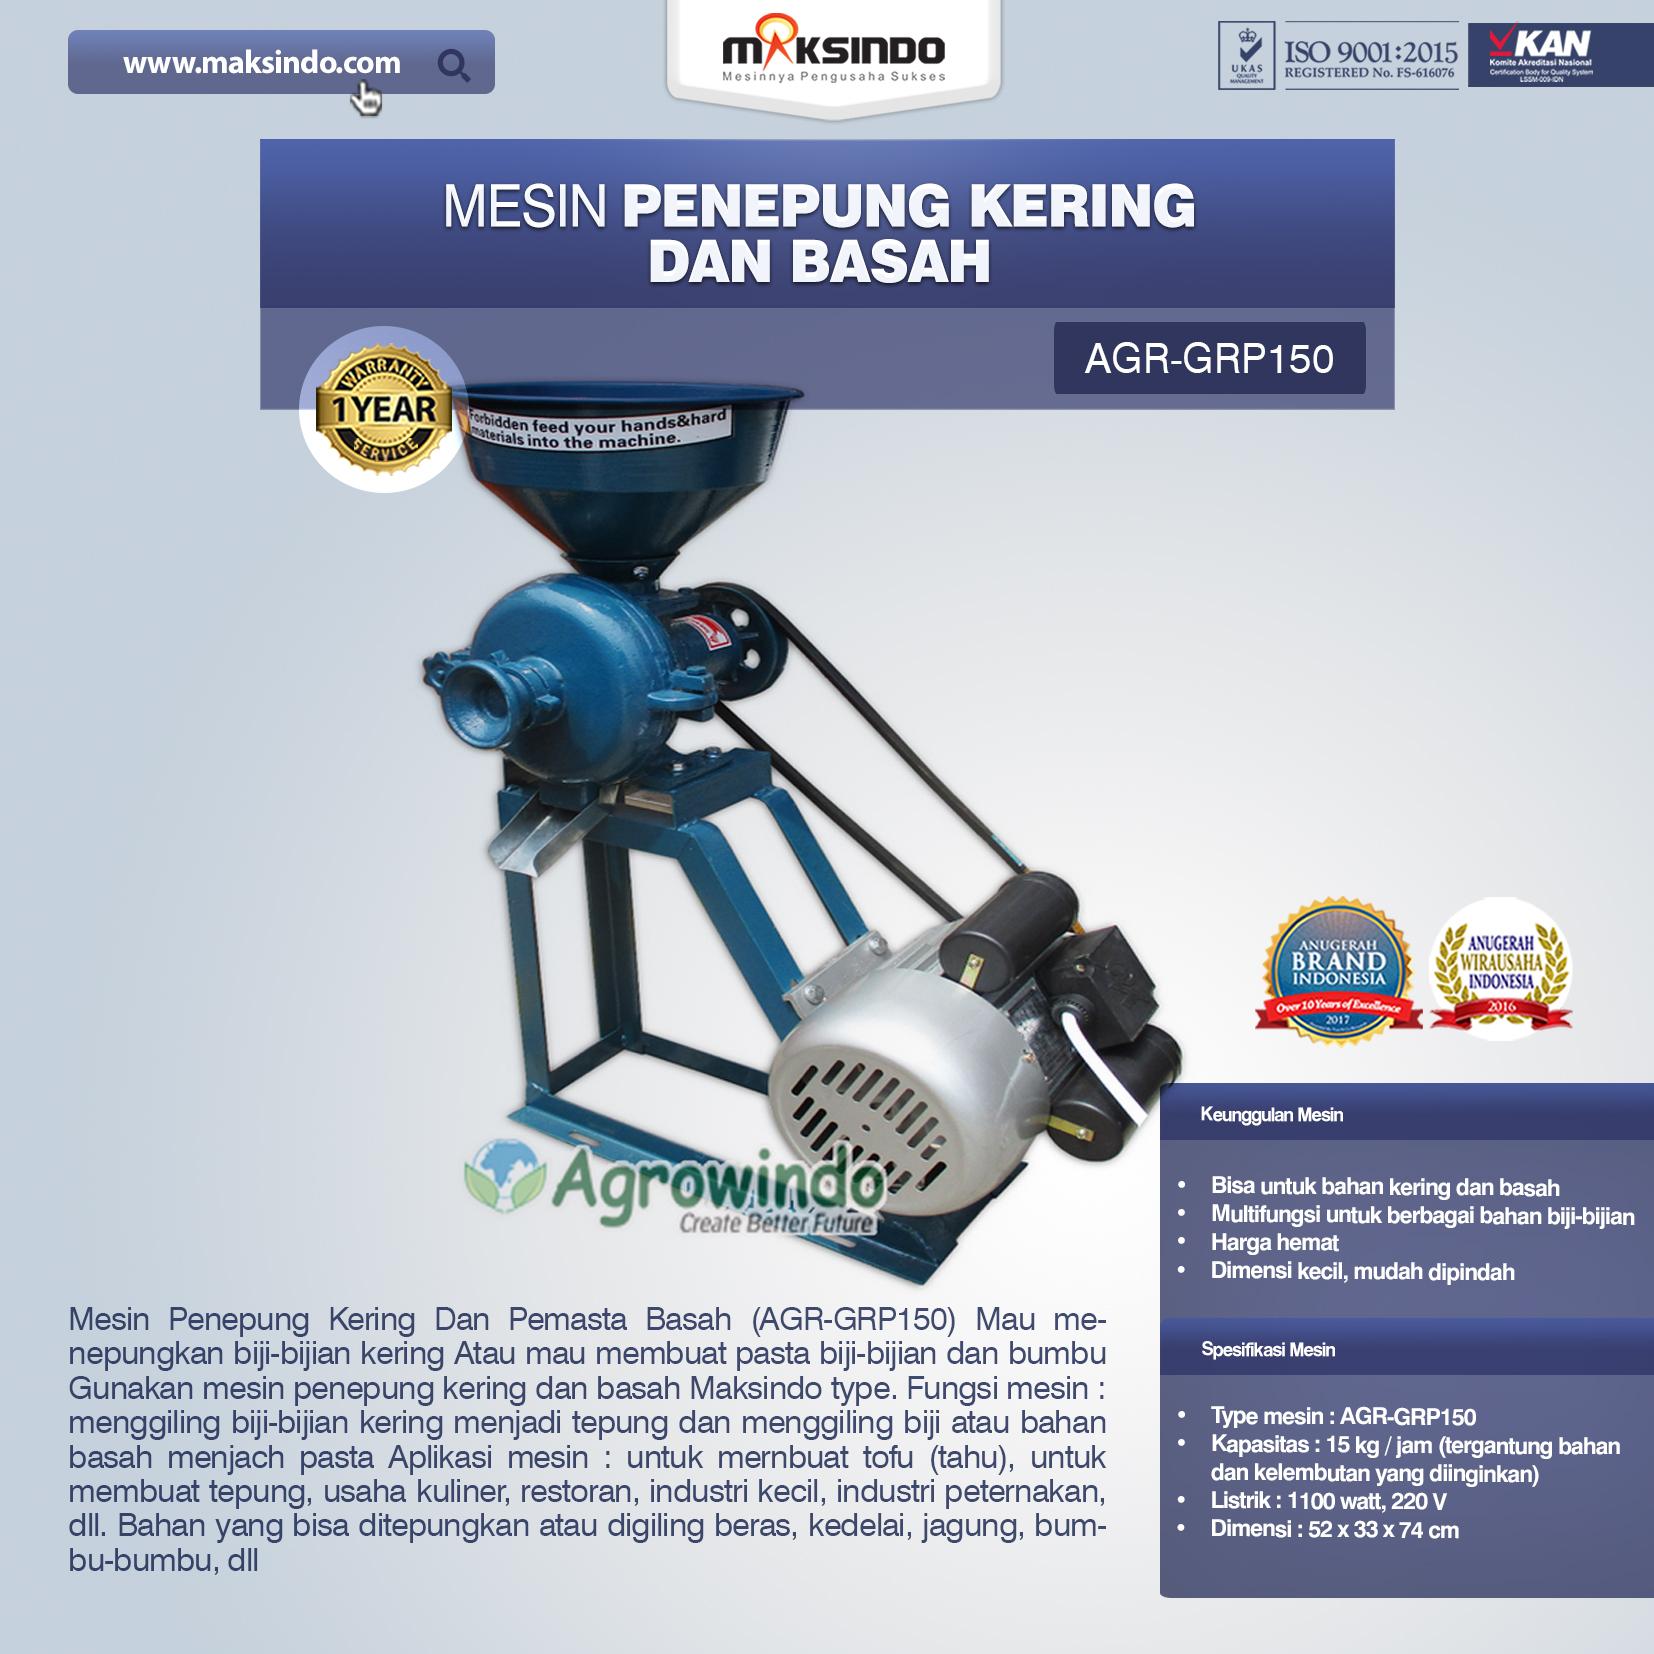 Jual Mesin Penepung Kering dan Basah (GRP150) di Bogor